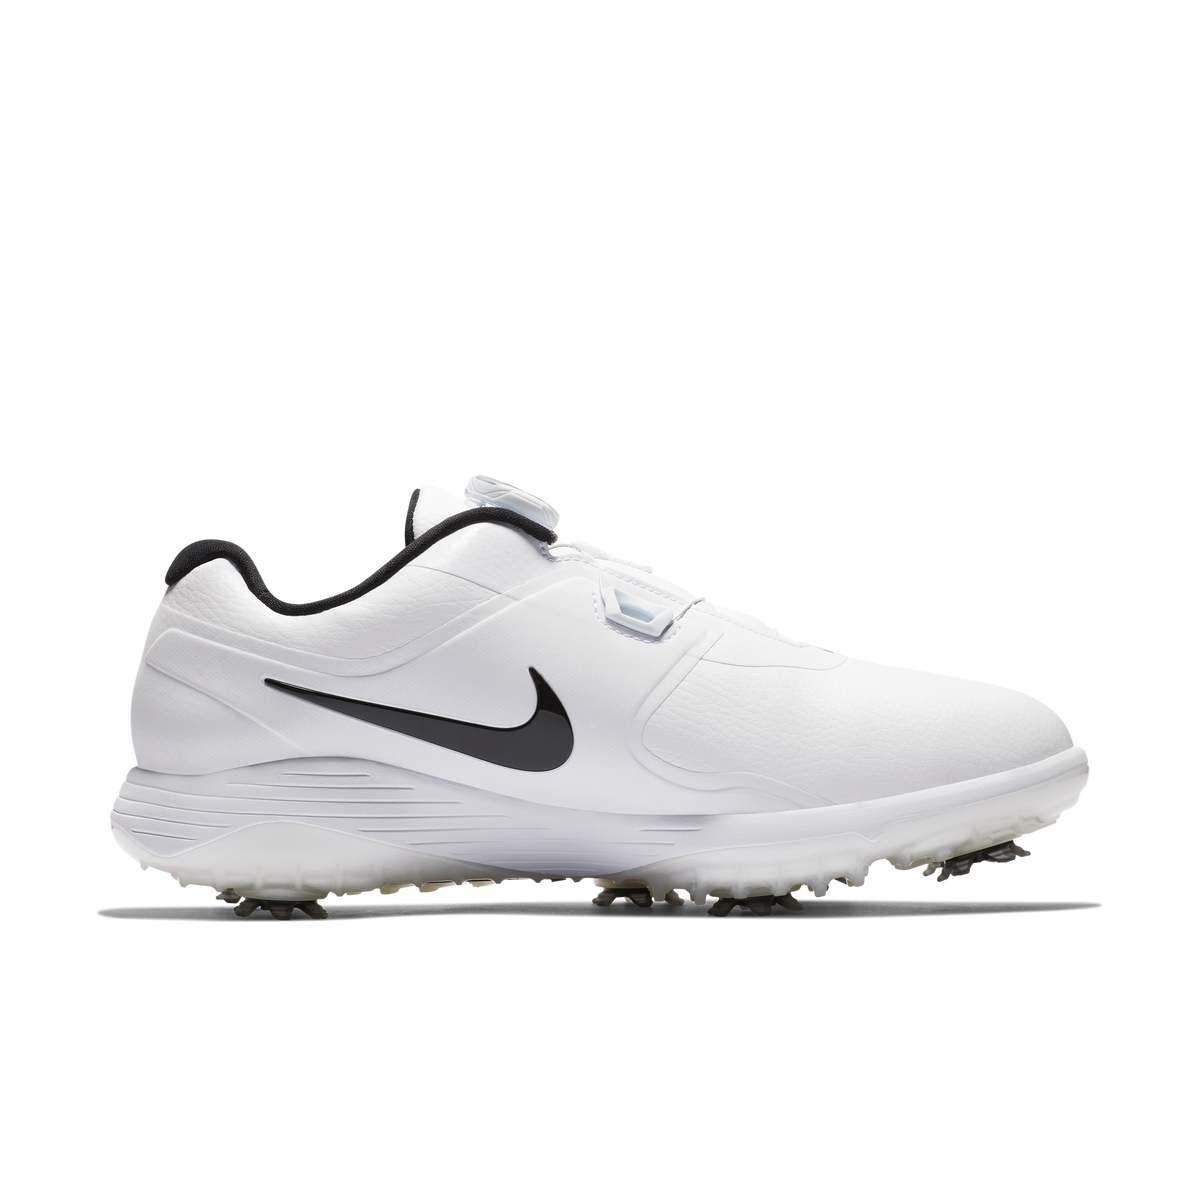 d0a3c926090 Nike Vapor Pro BOA Men s Golf Shoe - White Black